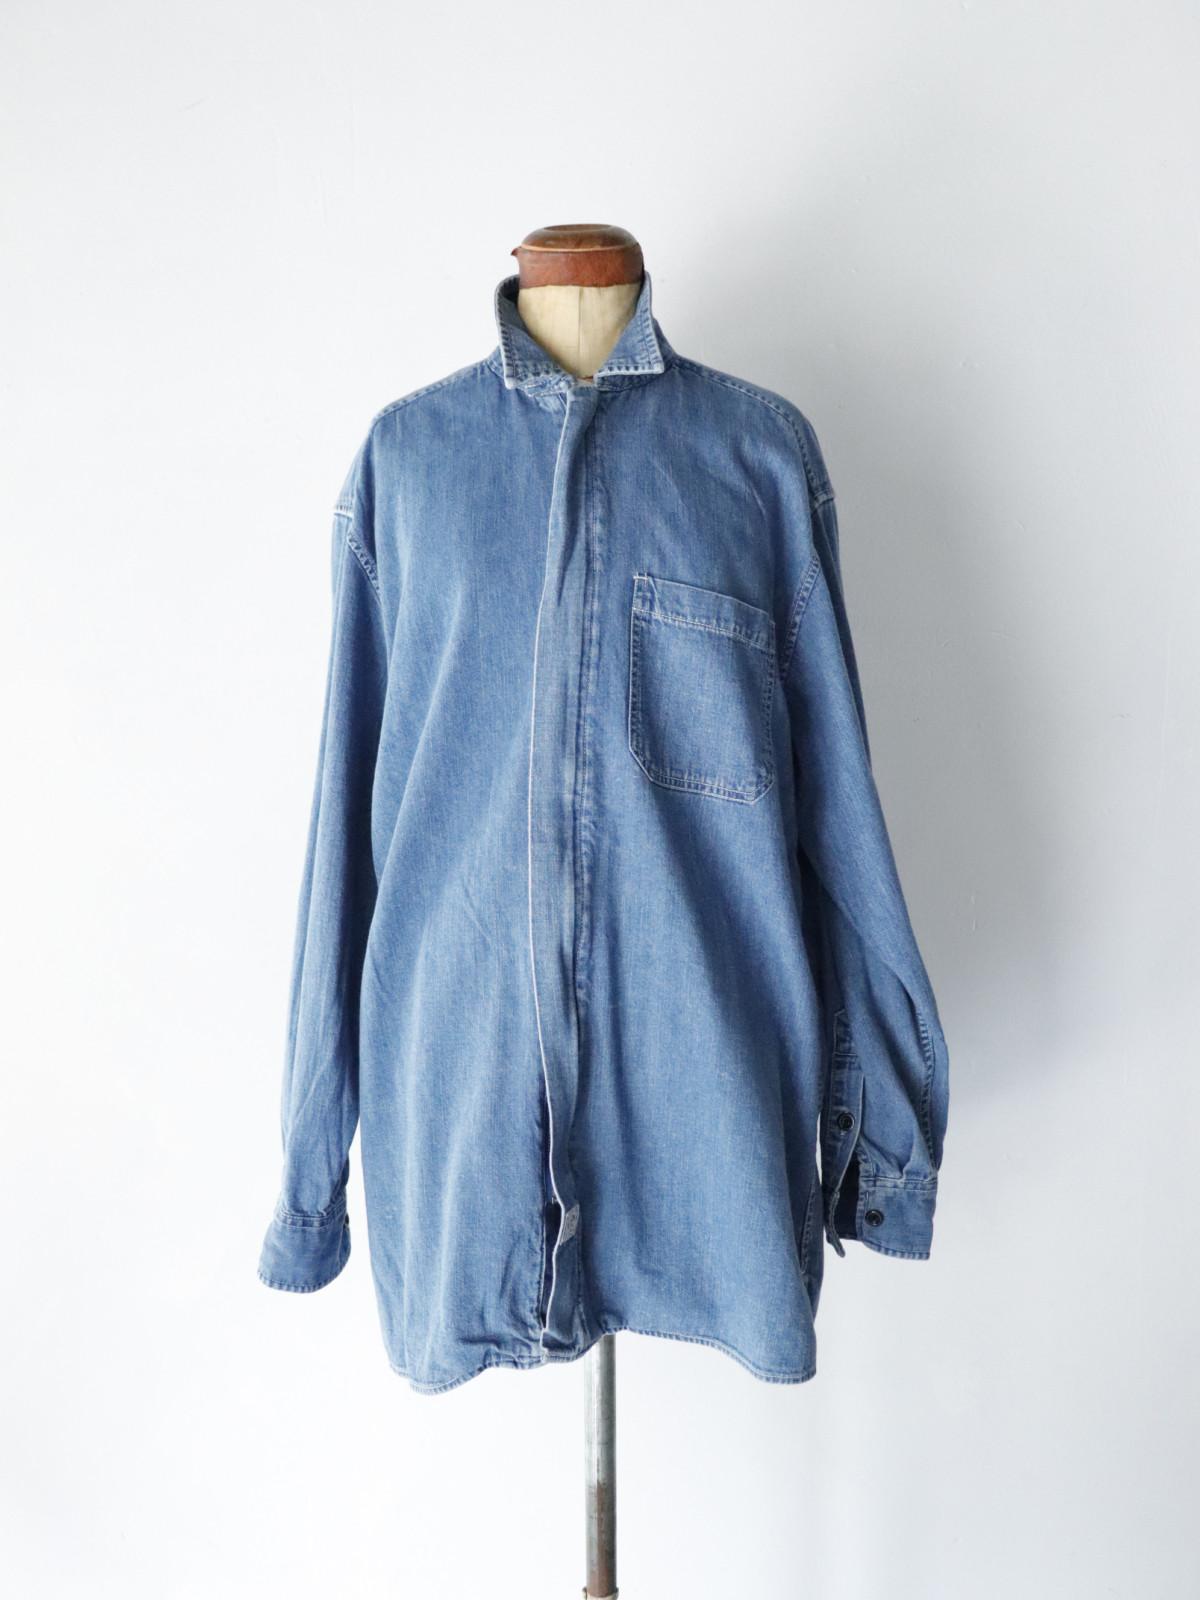 DKNY denim,USA, shirts